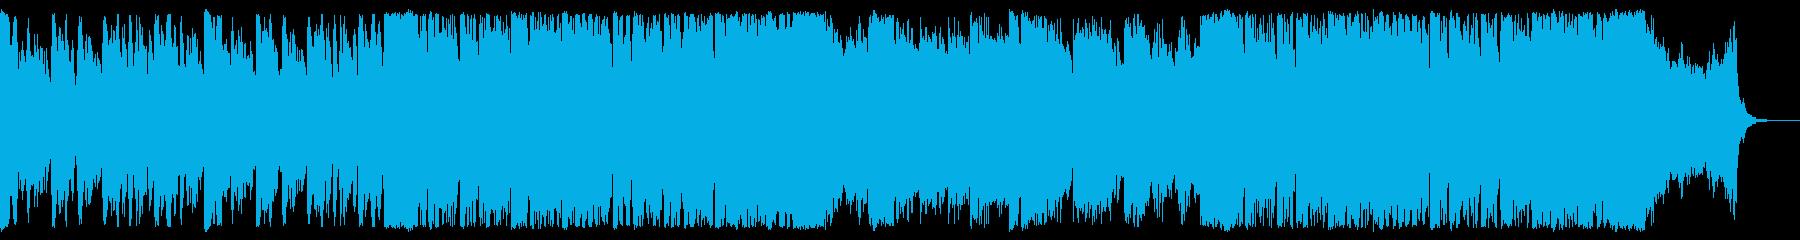 緊張感あるオーケストラの再生済みの波形